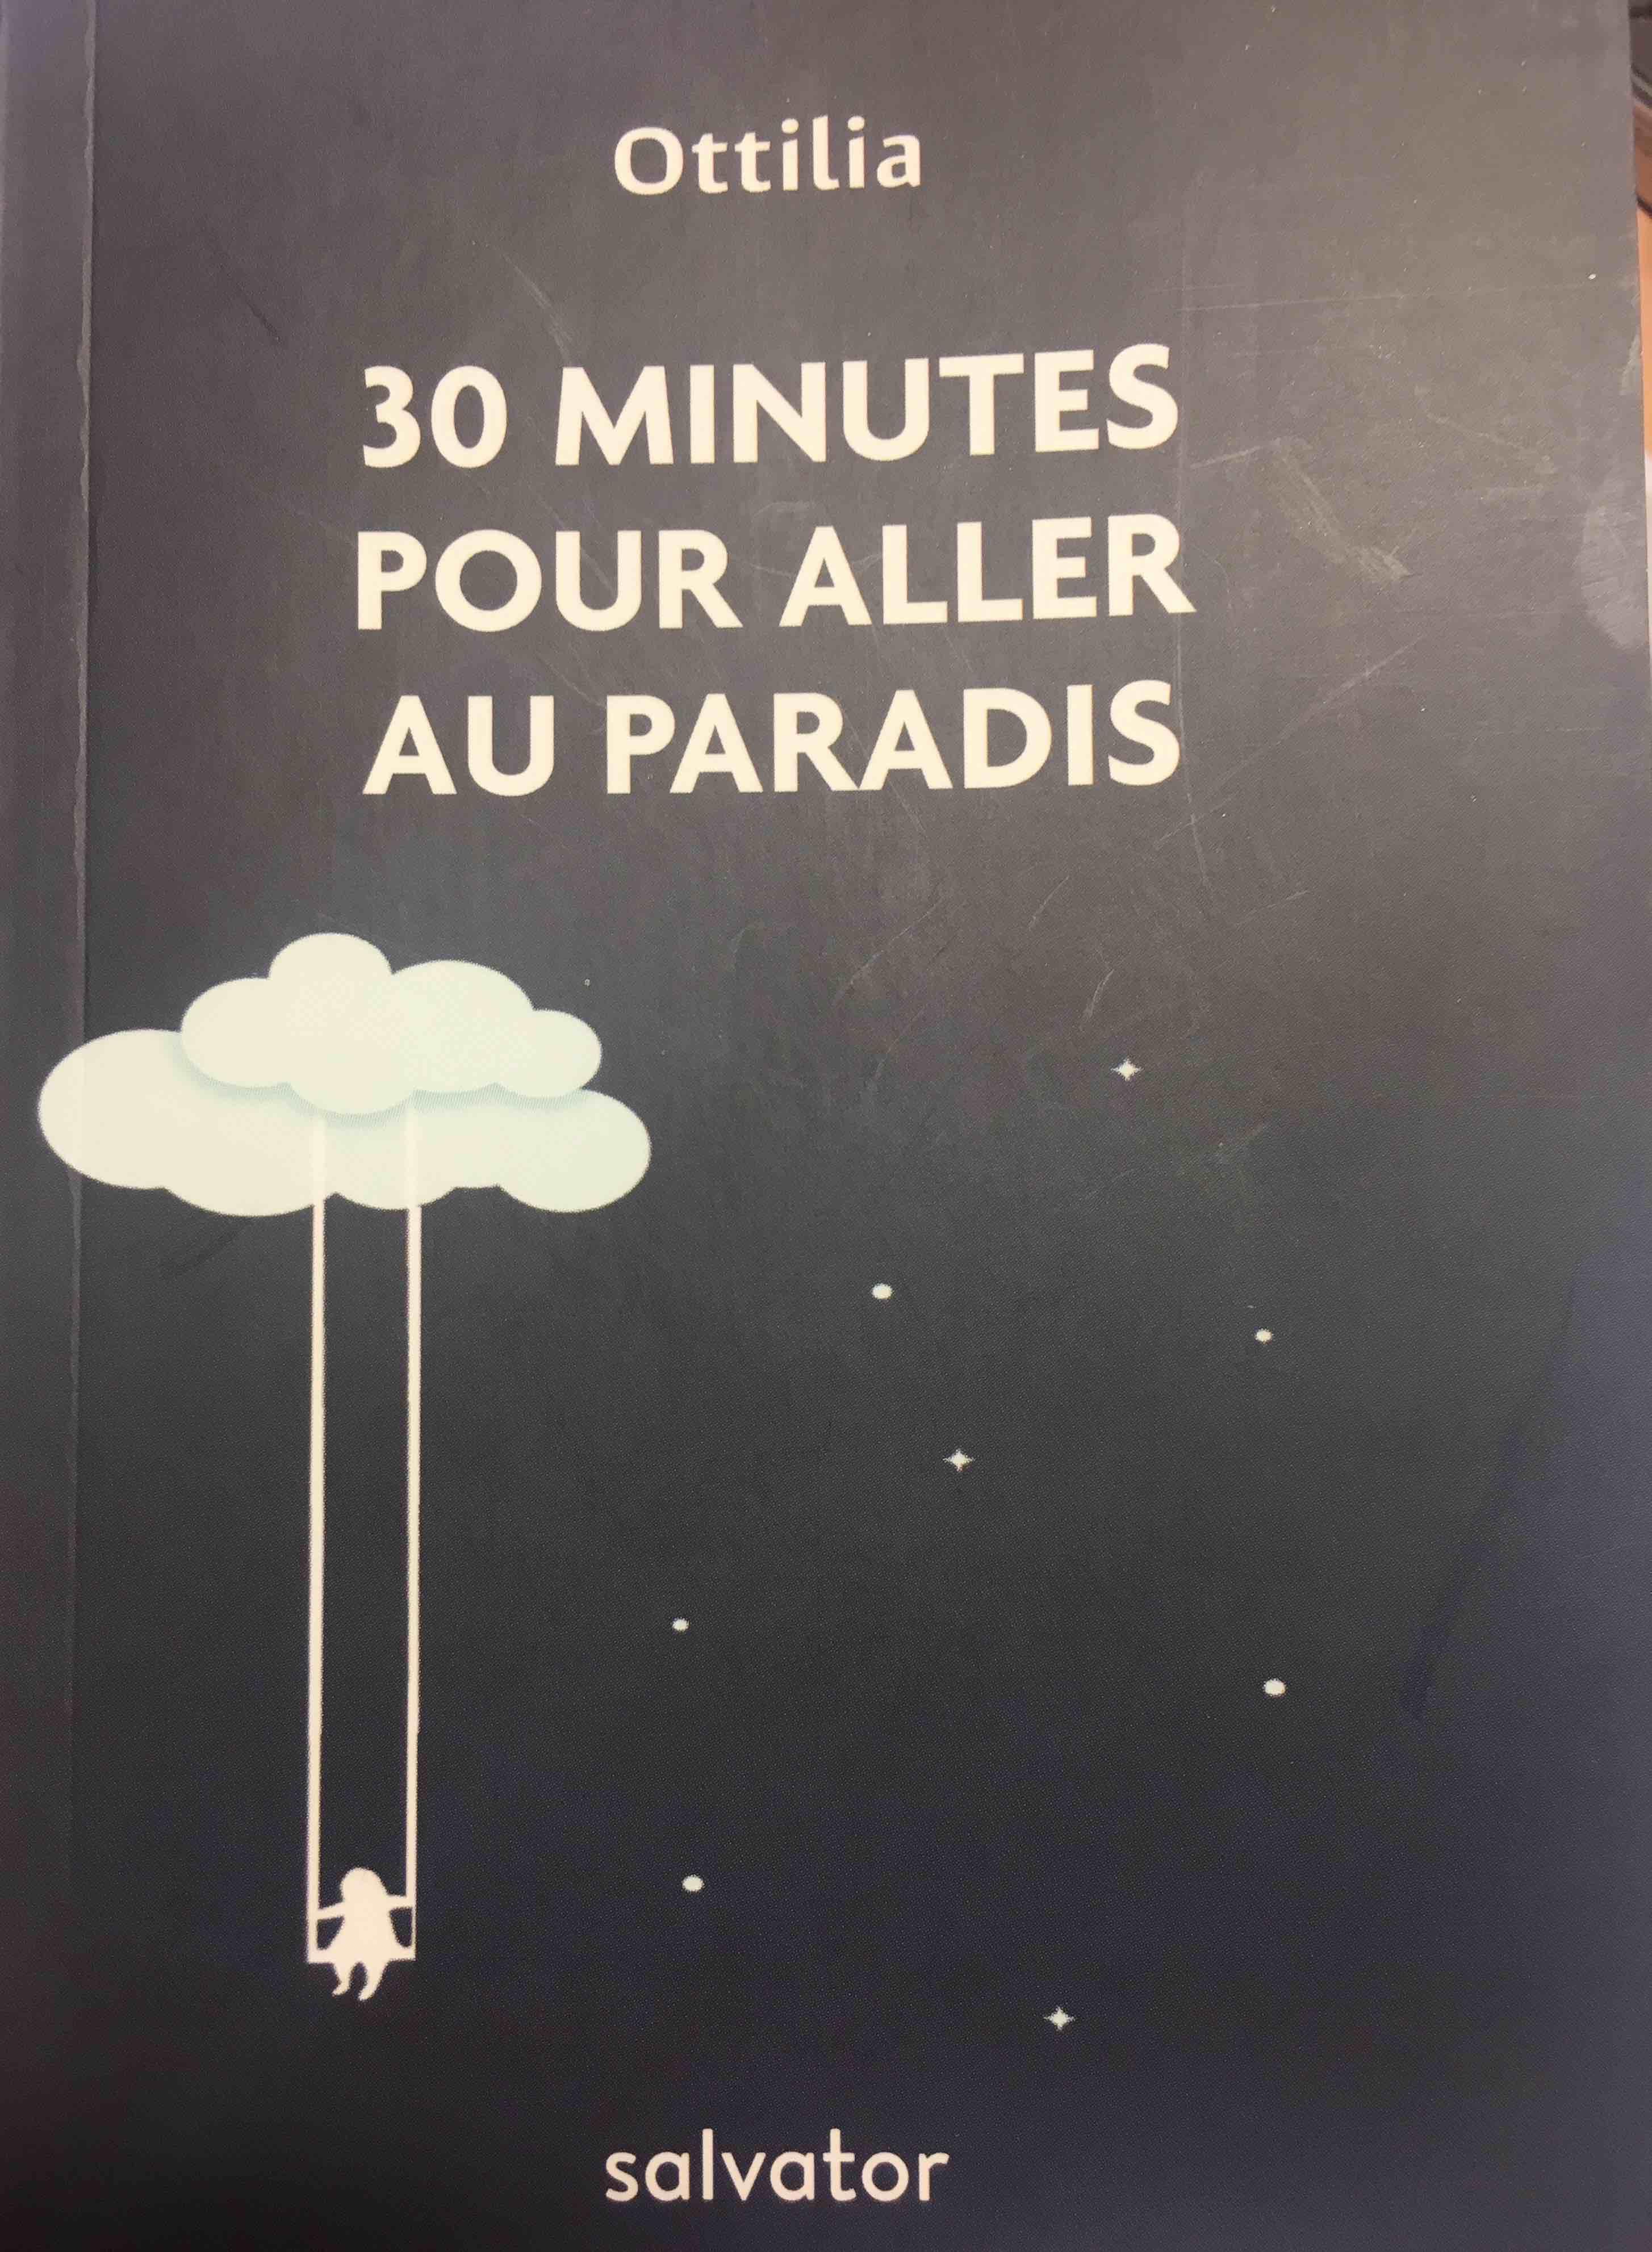 30 minutes pour aller au paradis – Ottilia